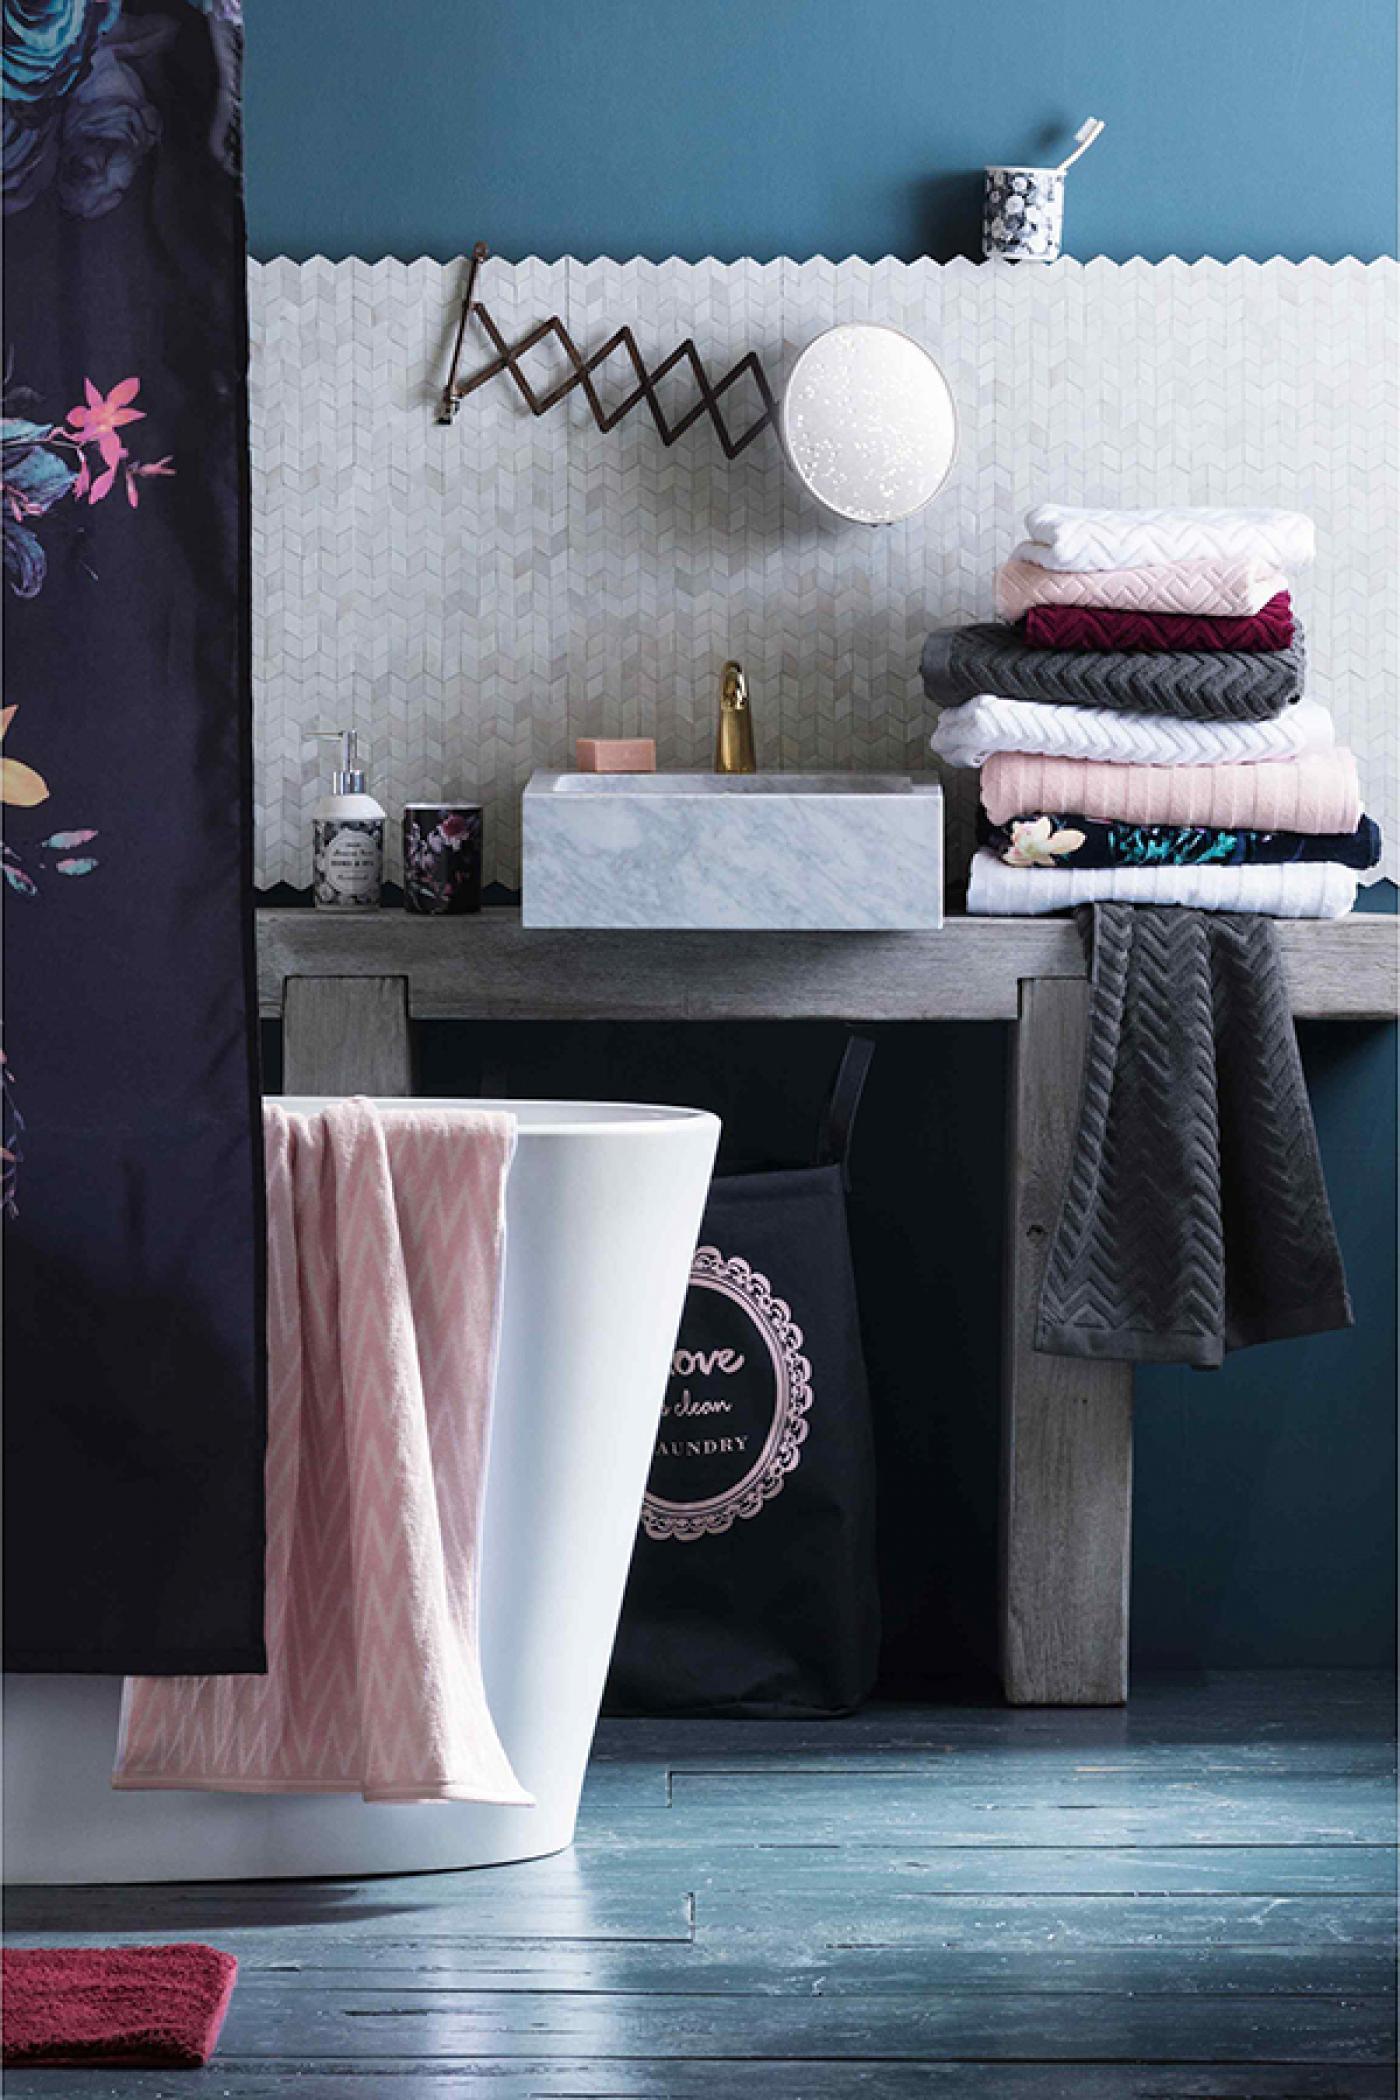 73d3afa05d A klasszikusan elegáns fürdőszoba: kék és fehér - Lakáskultúra magazin